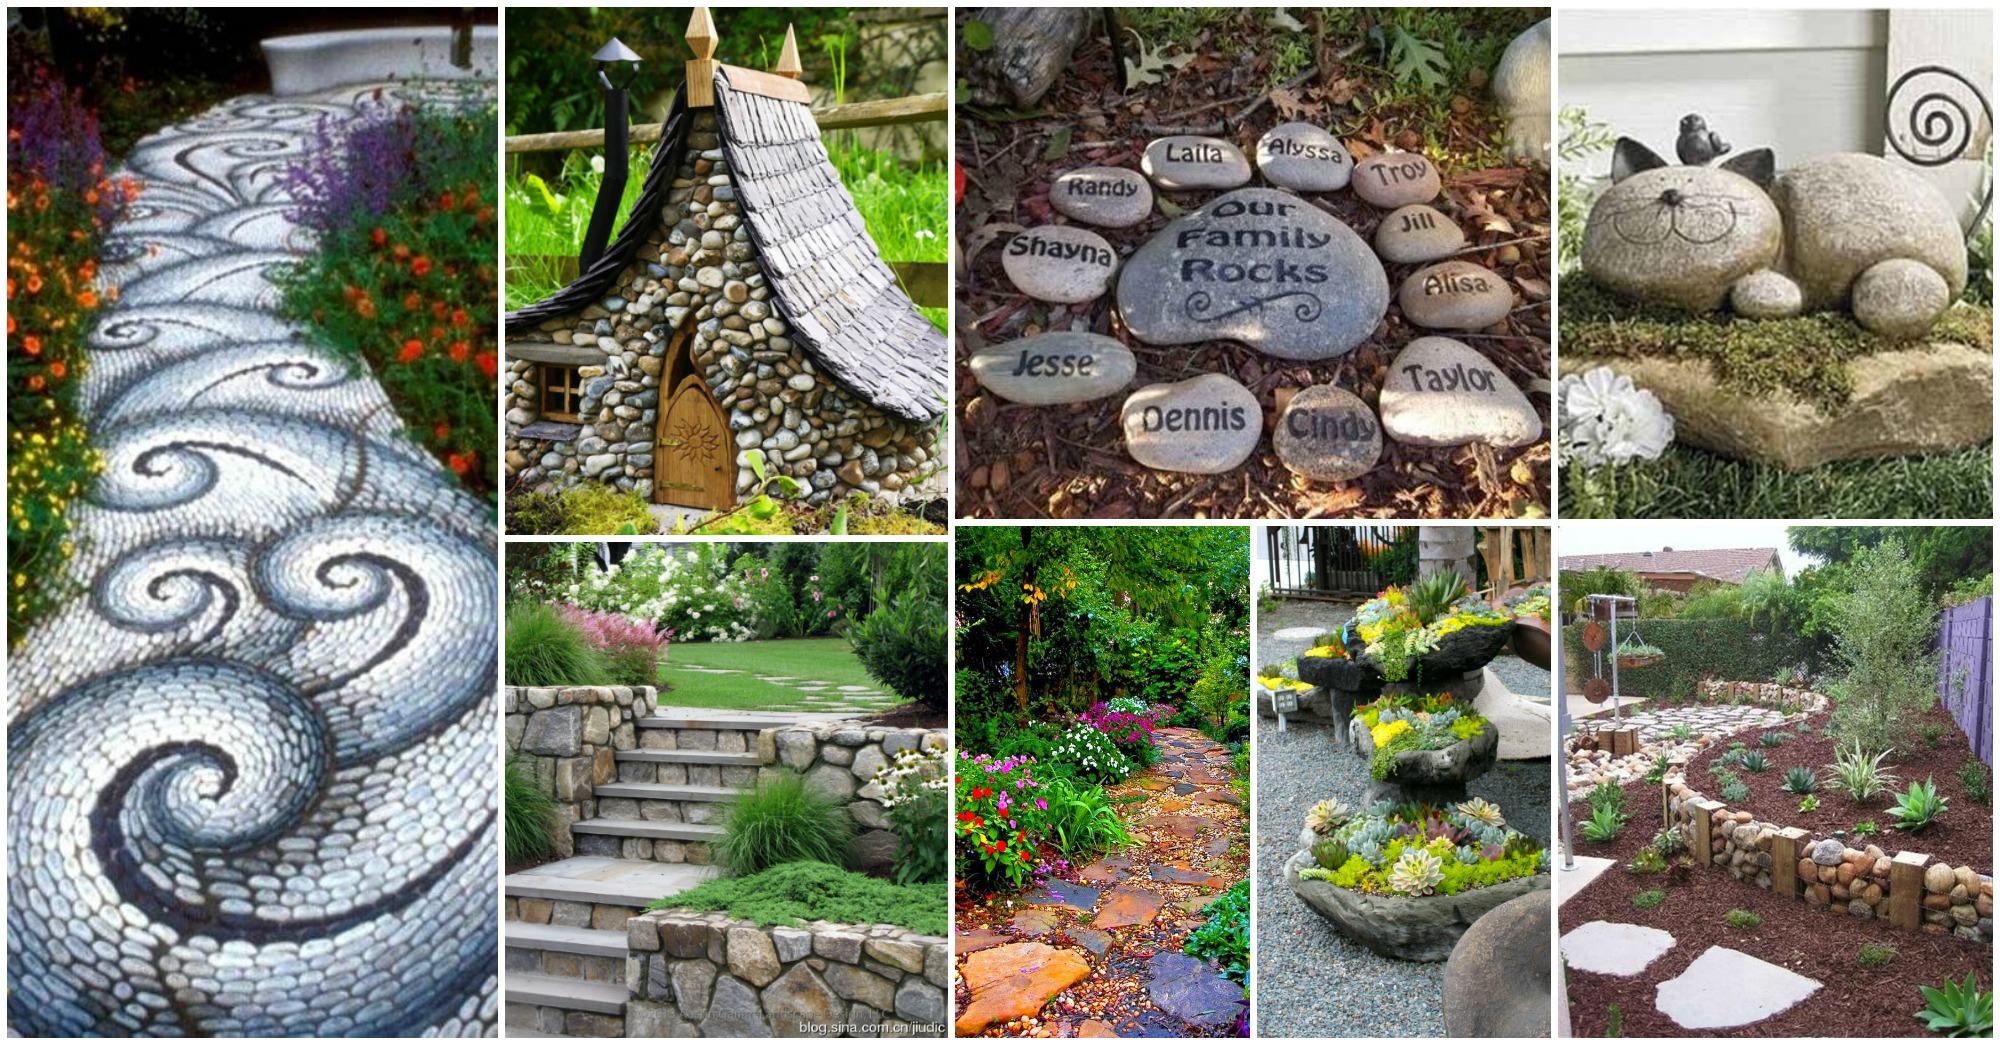 15 ideas fabulosas para decorar tu jard n con piedras for Piedras para decorar patios